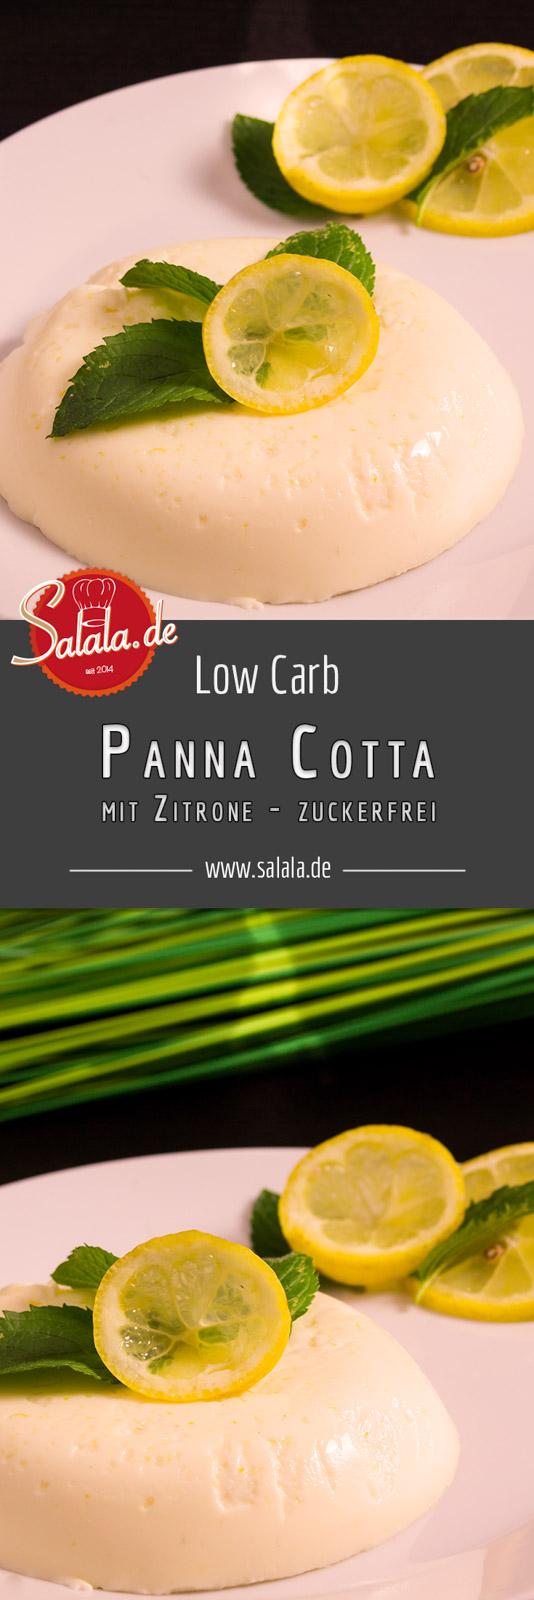 Mit unserem Low Carb Panna Cotta Rezept gibt es tatsächlich schon wieder italienisch heute. Das Low Carb Panna Cotta ist eine leckere und doch einfach zu kochende Nachspeise. Deine Gäste werden dieses Dessert lieben und gar nicht merken, dass es Low Carb ist.